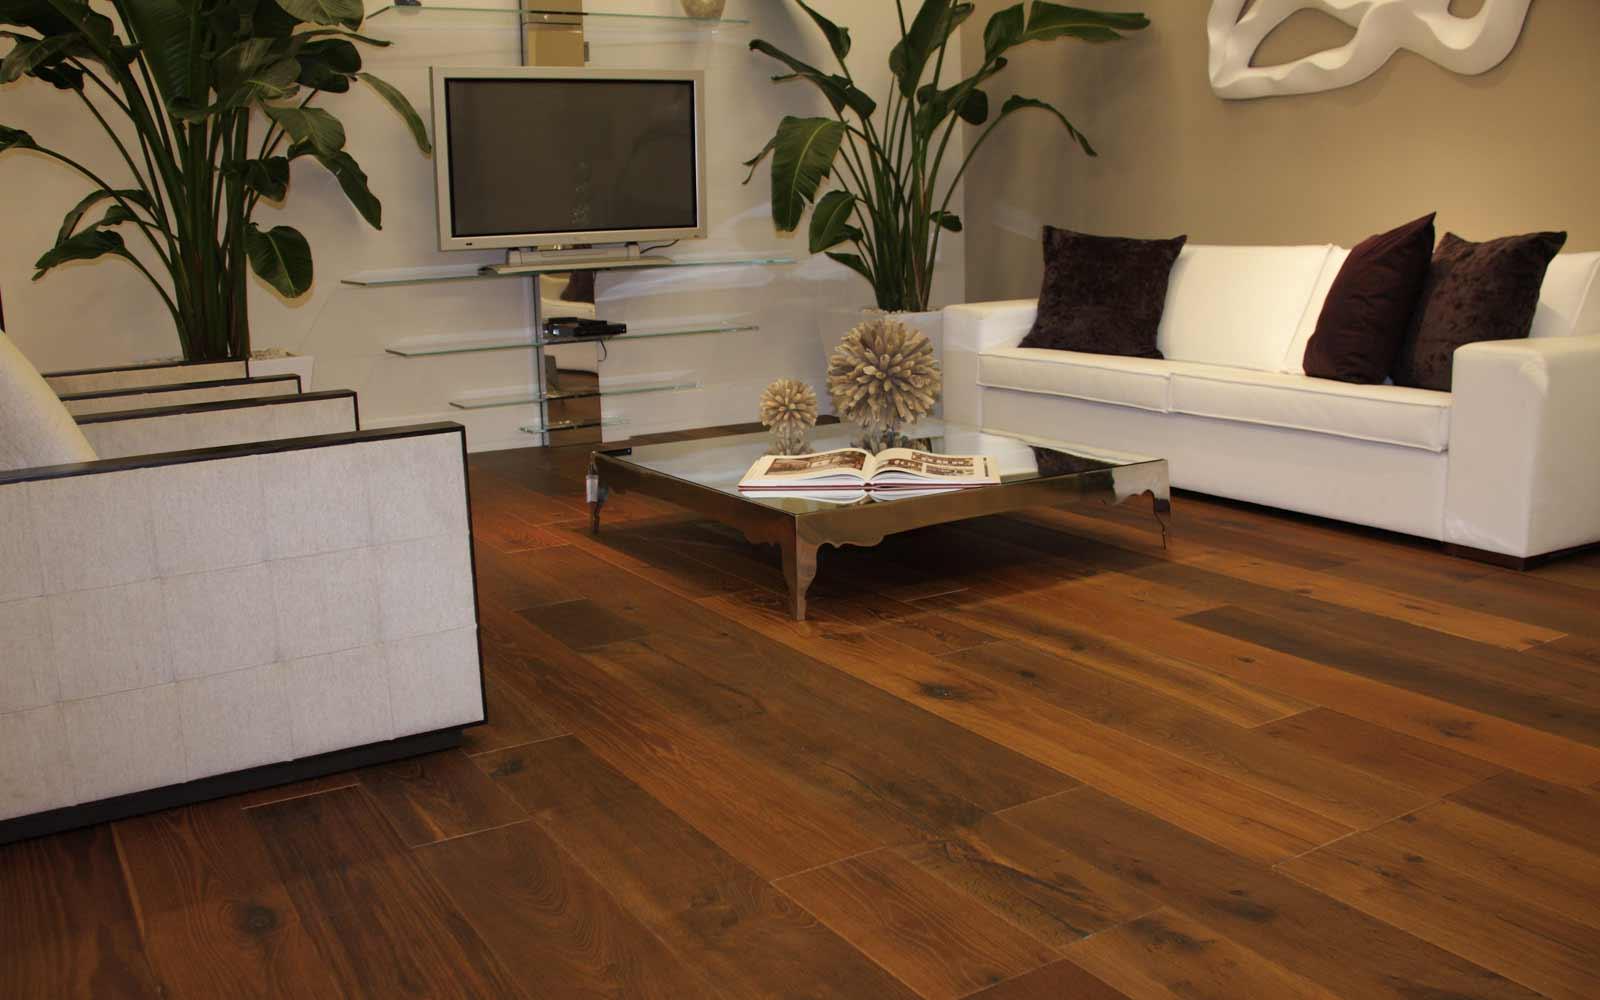 Brazilian Koa Hardwood Flooring for Your Home